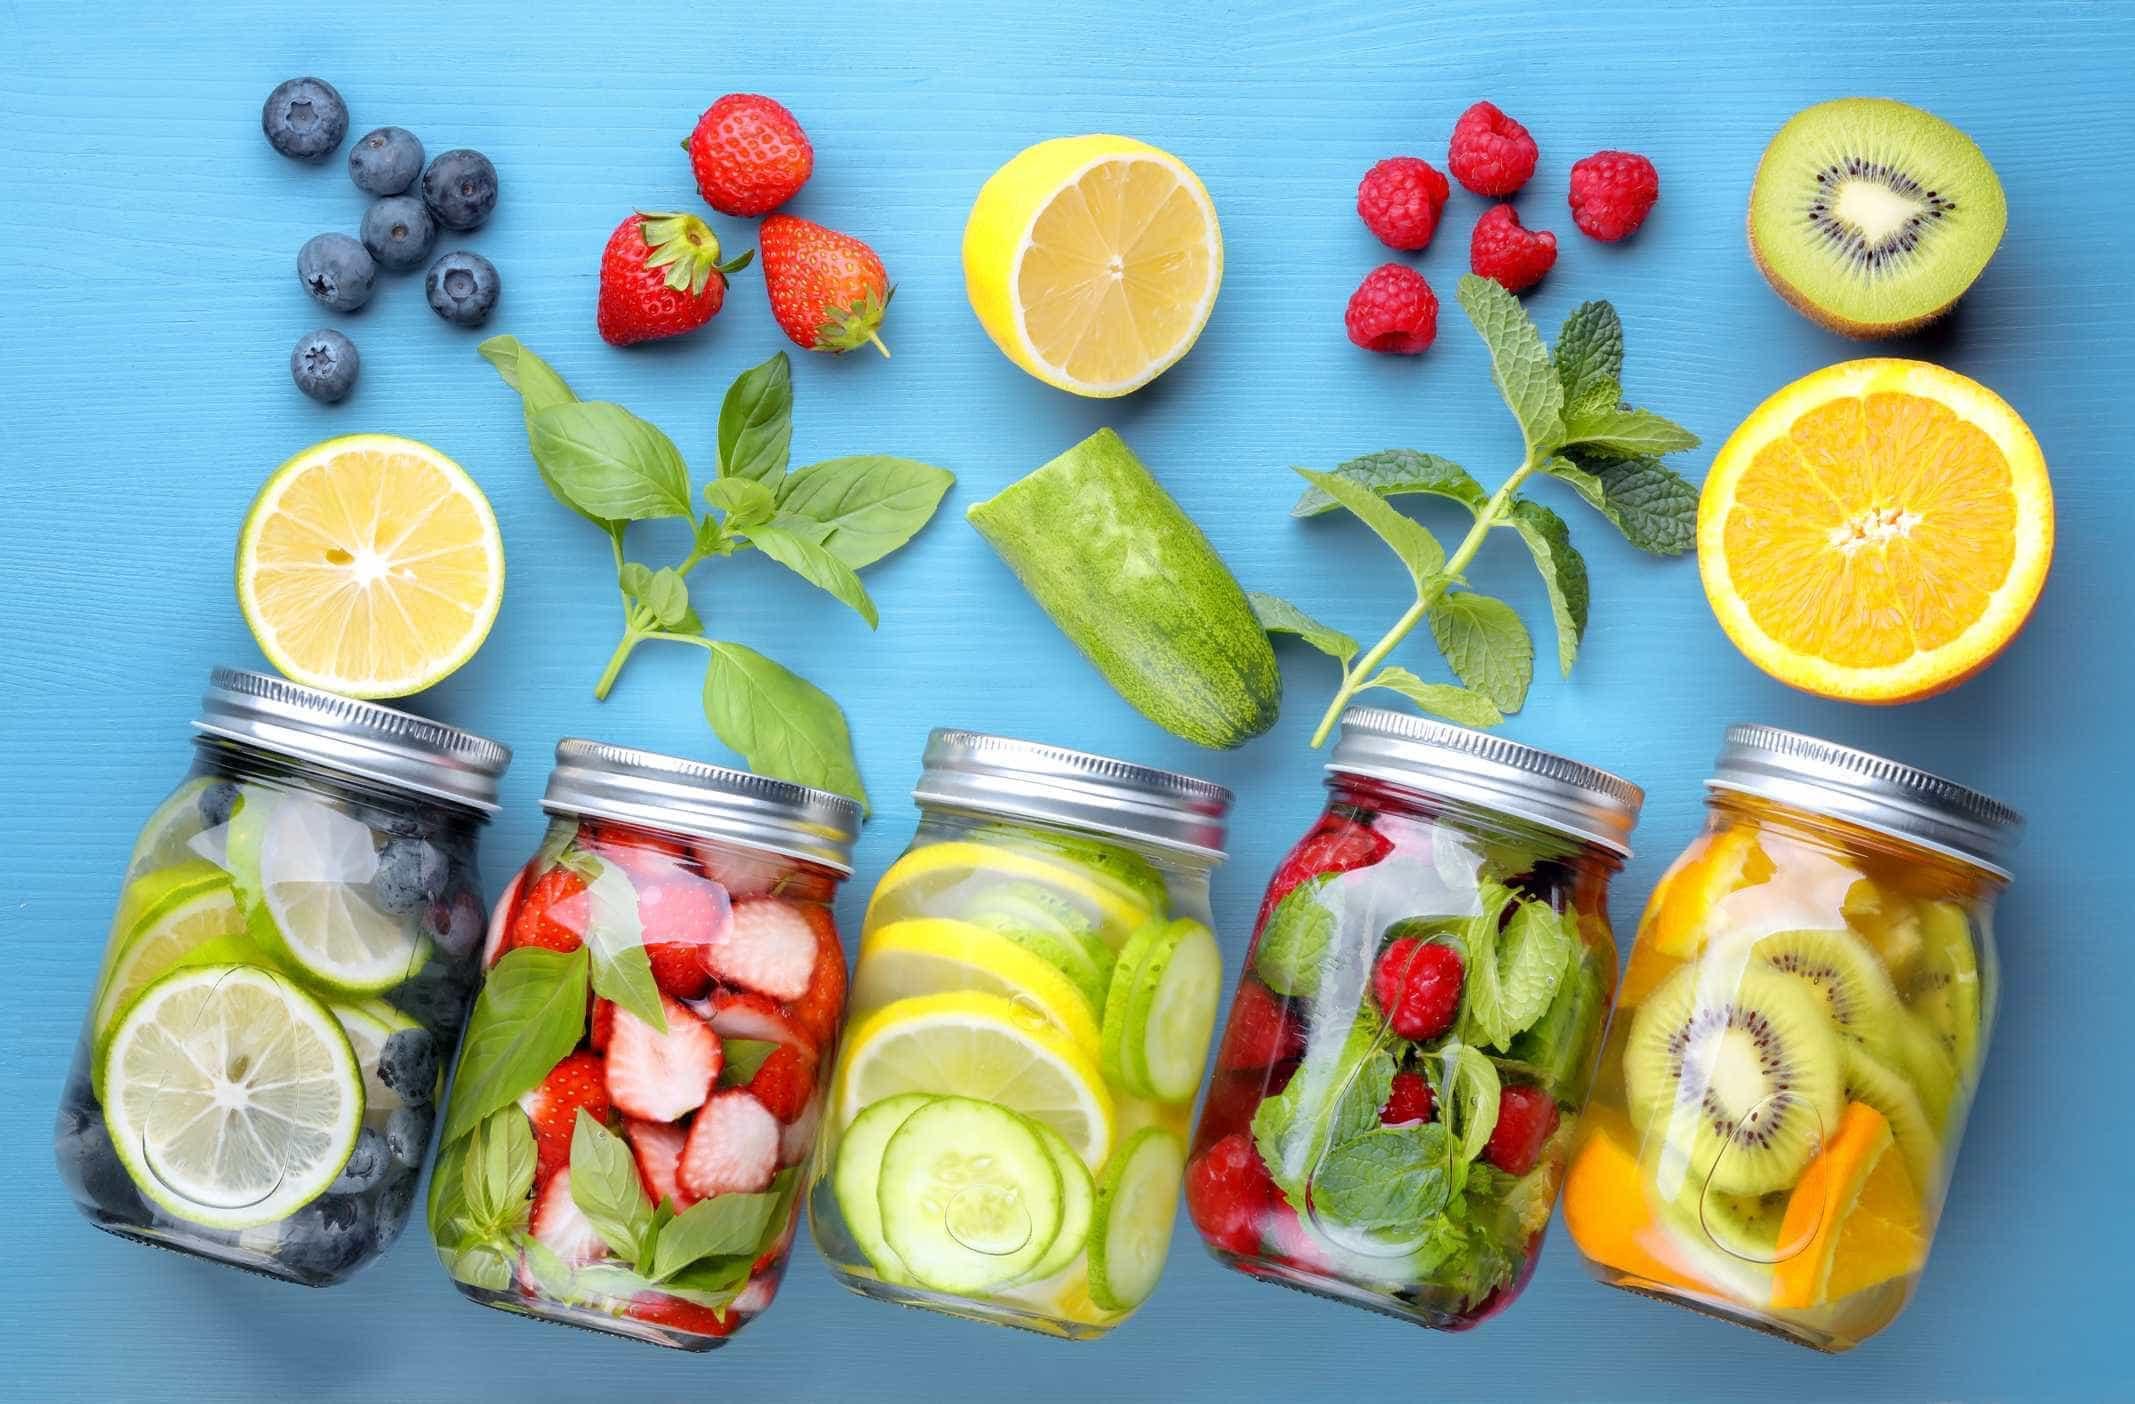 16 alimentos saudáveis que prometem manter a hidratação